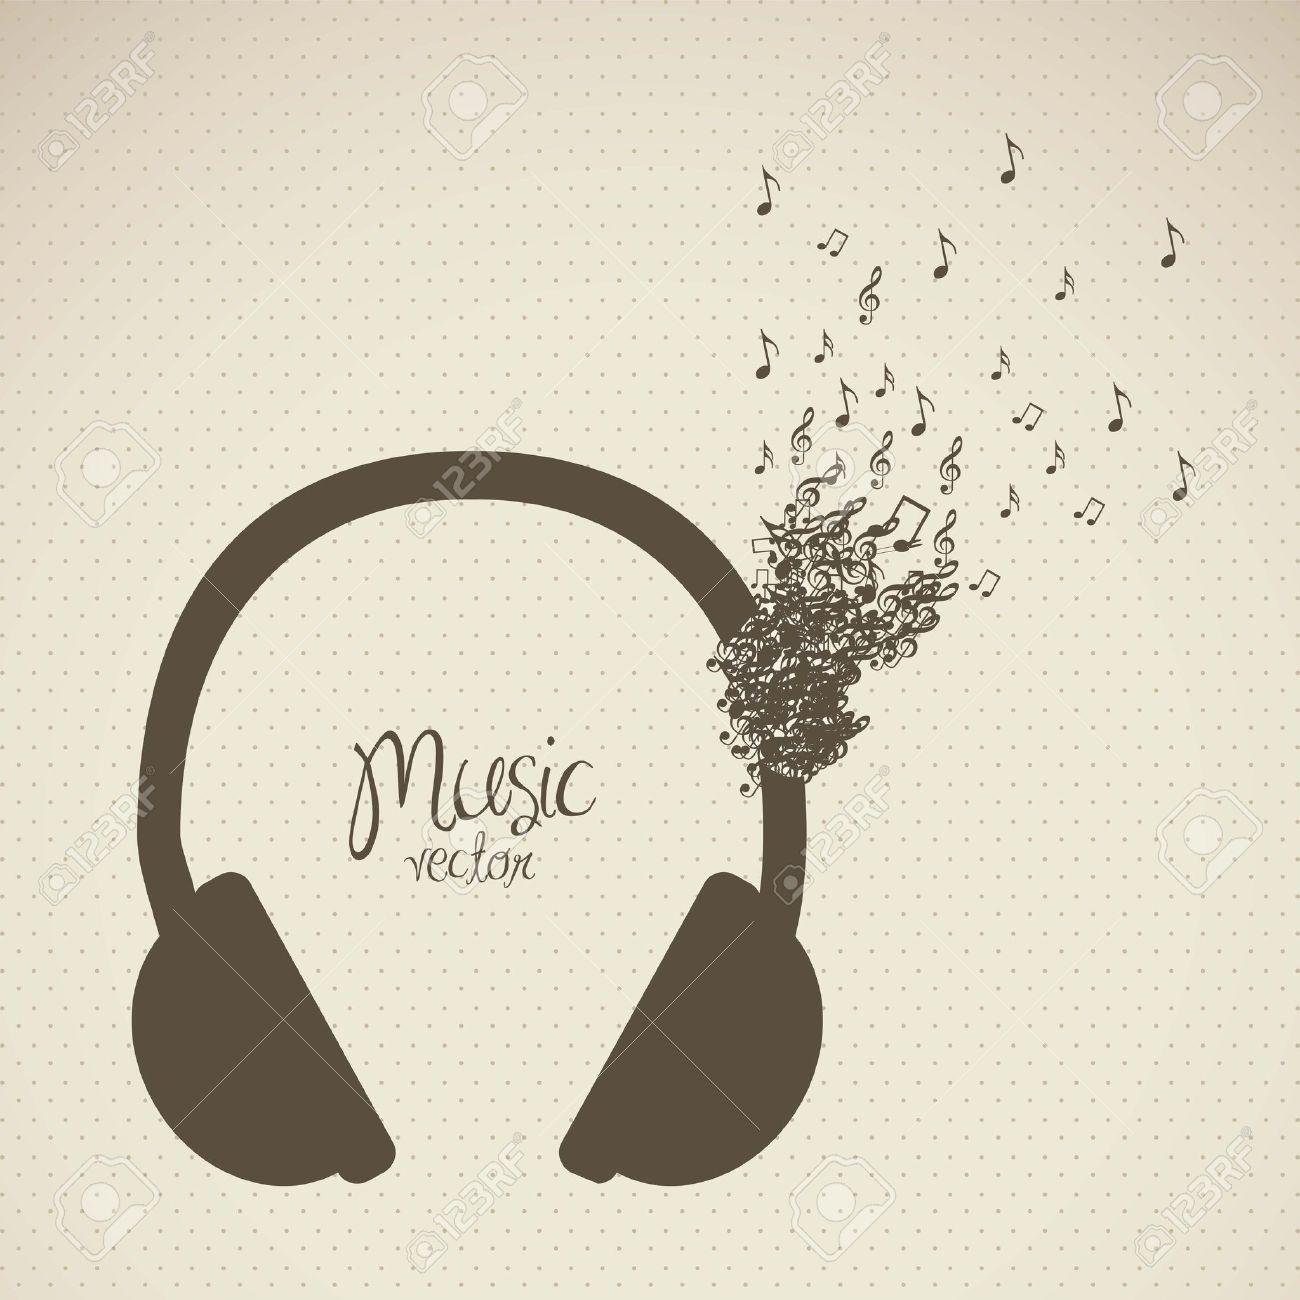 Ilustración De Auriculares Formadas Con Pequeñas Notas Musicales